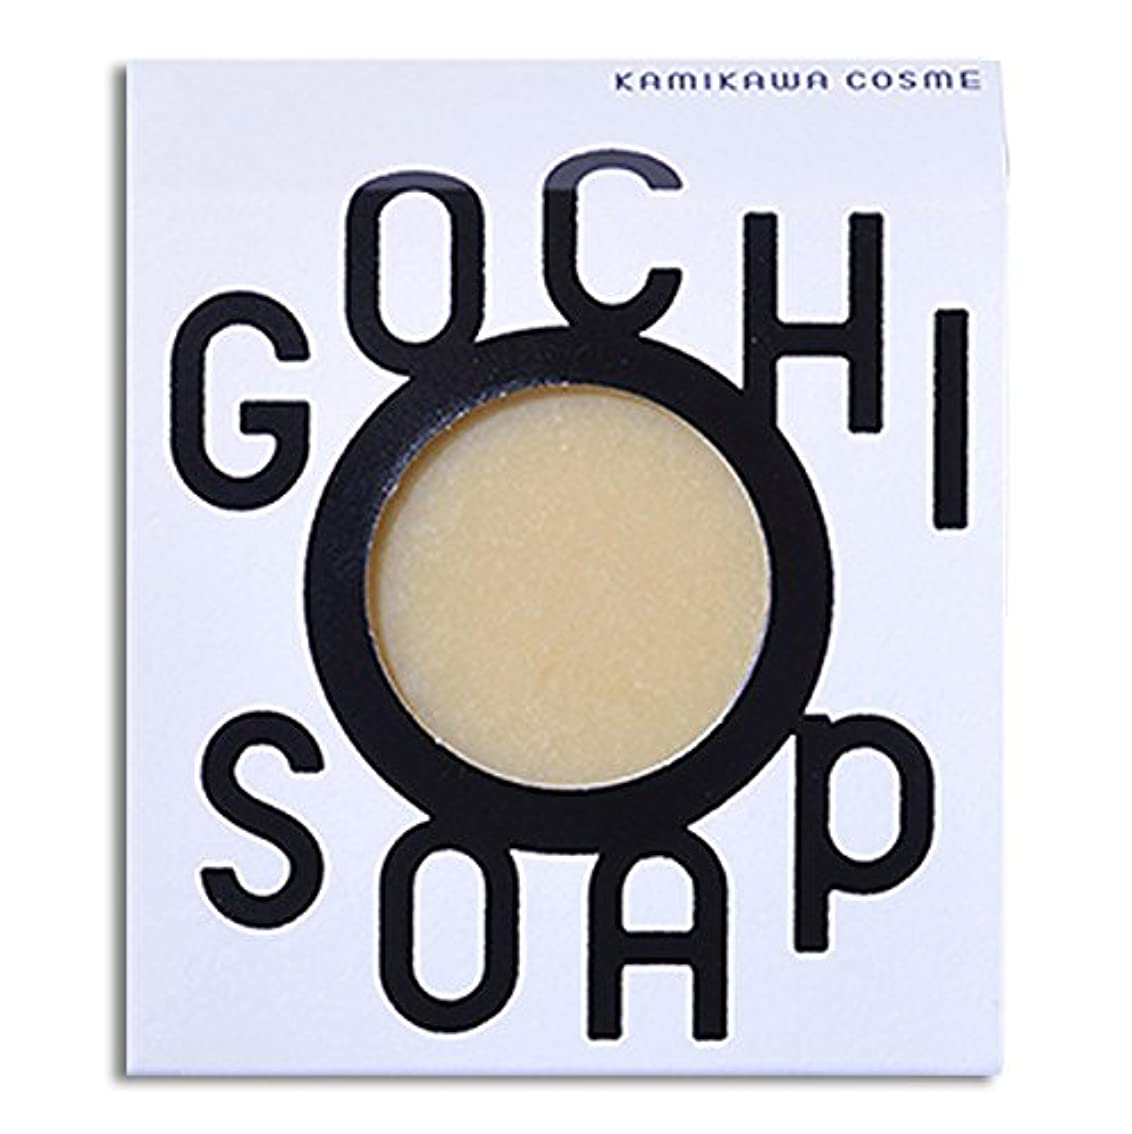 素晴らしいです柔らかさより良い道北の素材を使用したコスメブランド GOCHI SOAP(山路養蜂園の蜂蜜ソープ?ふじくらますも果樹園のりんごソープ)各1個セット